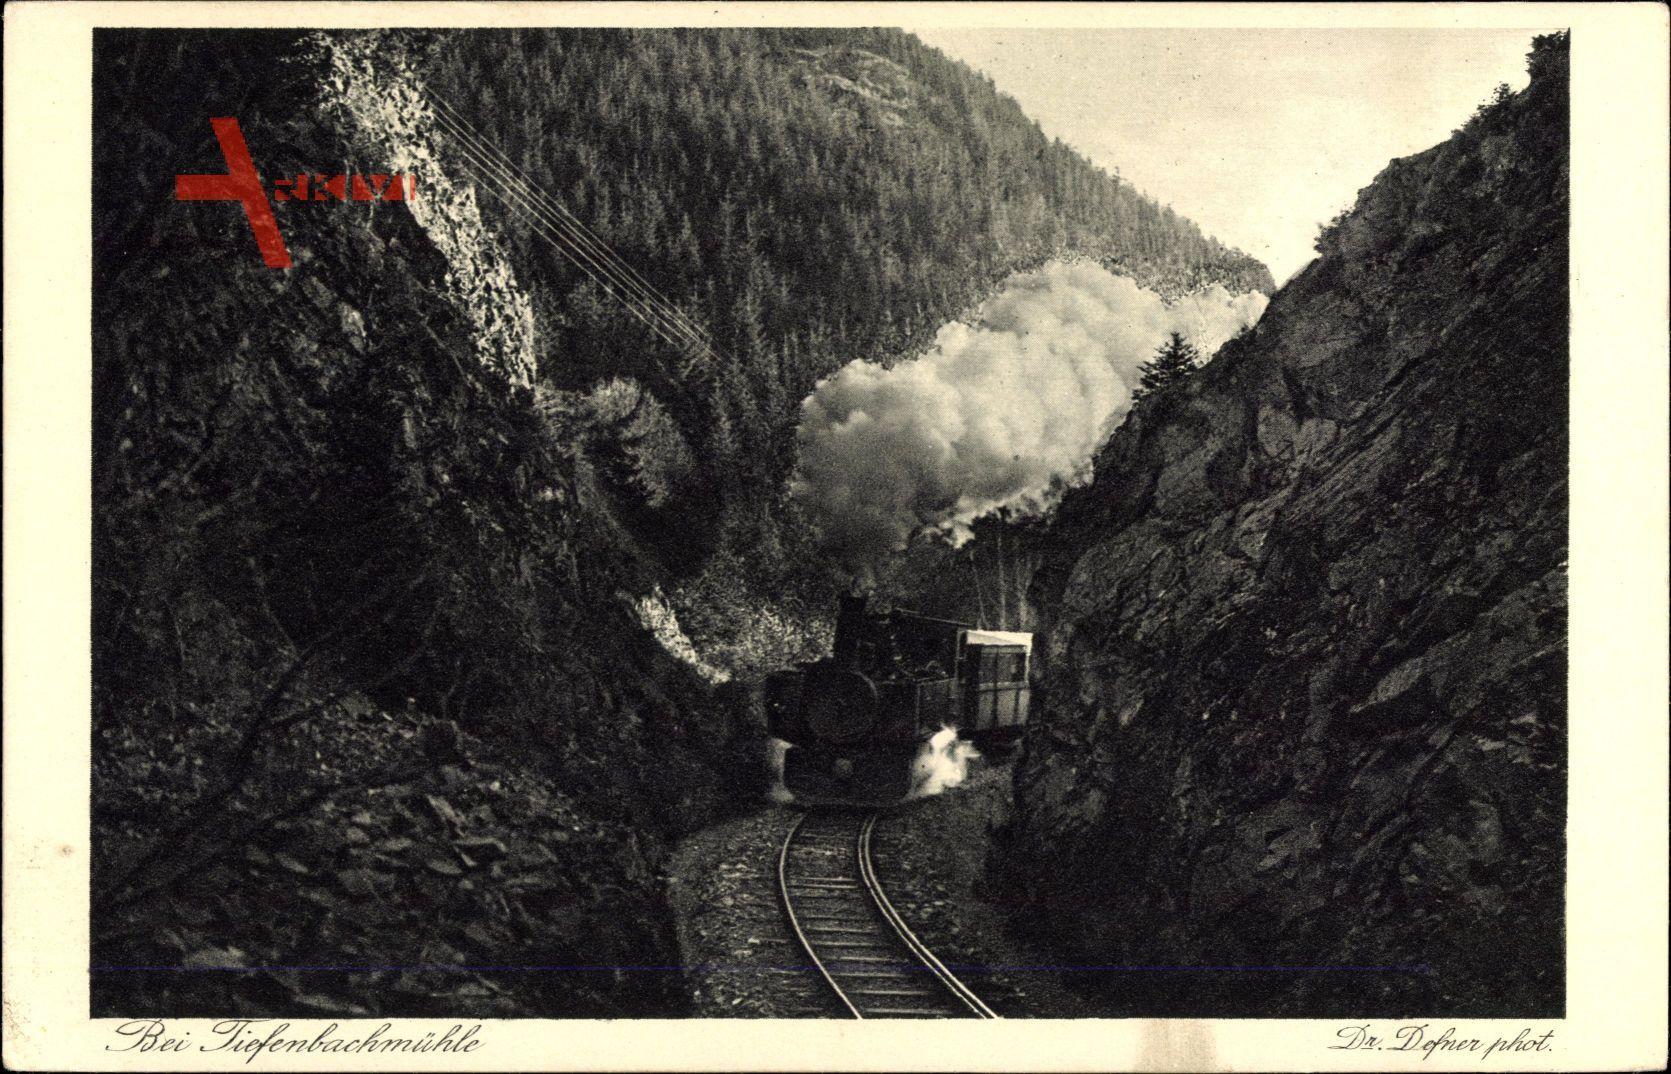 Nordhausen, Wernigeroder Eisenbahn, Bei Tiefenbachmühle, Dampflokomotive